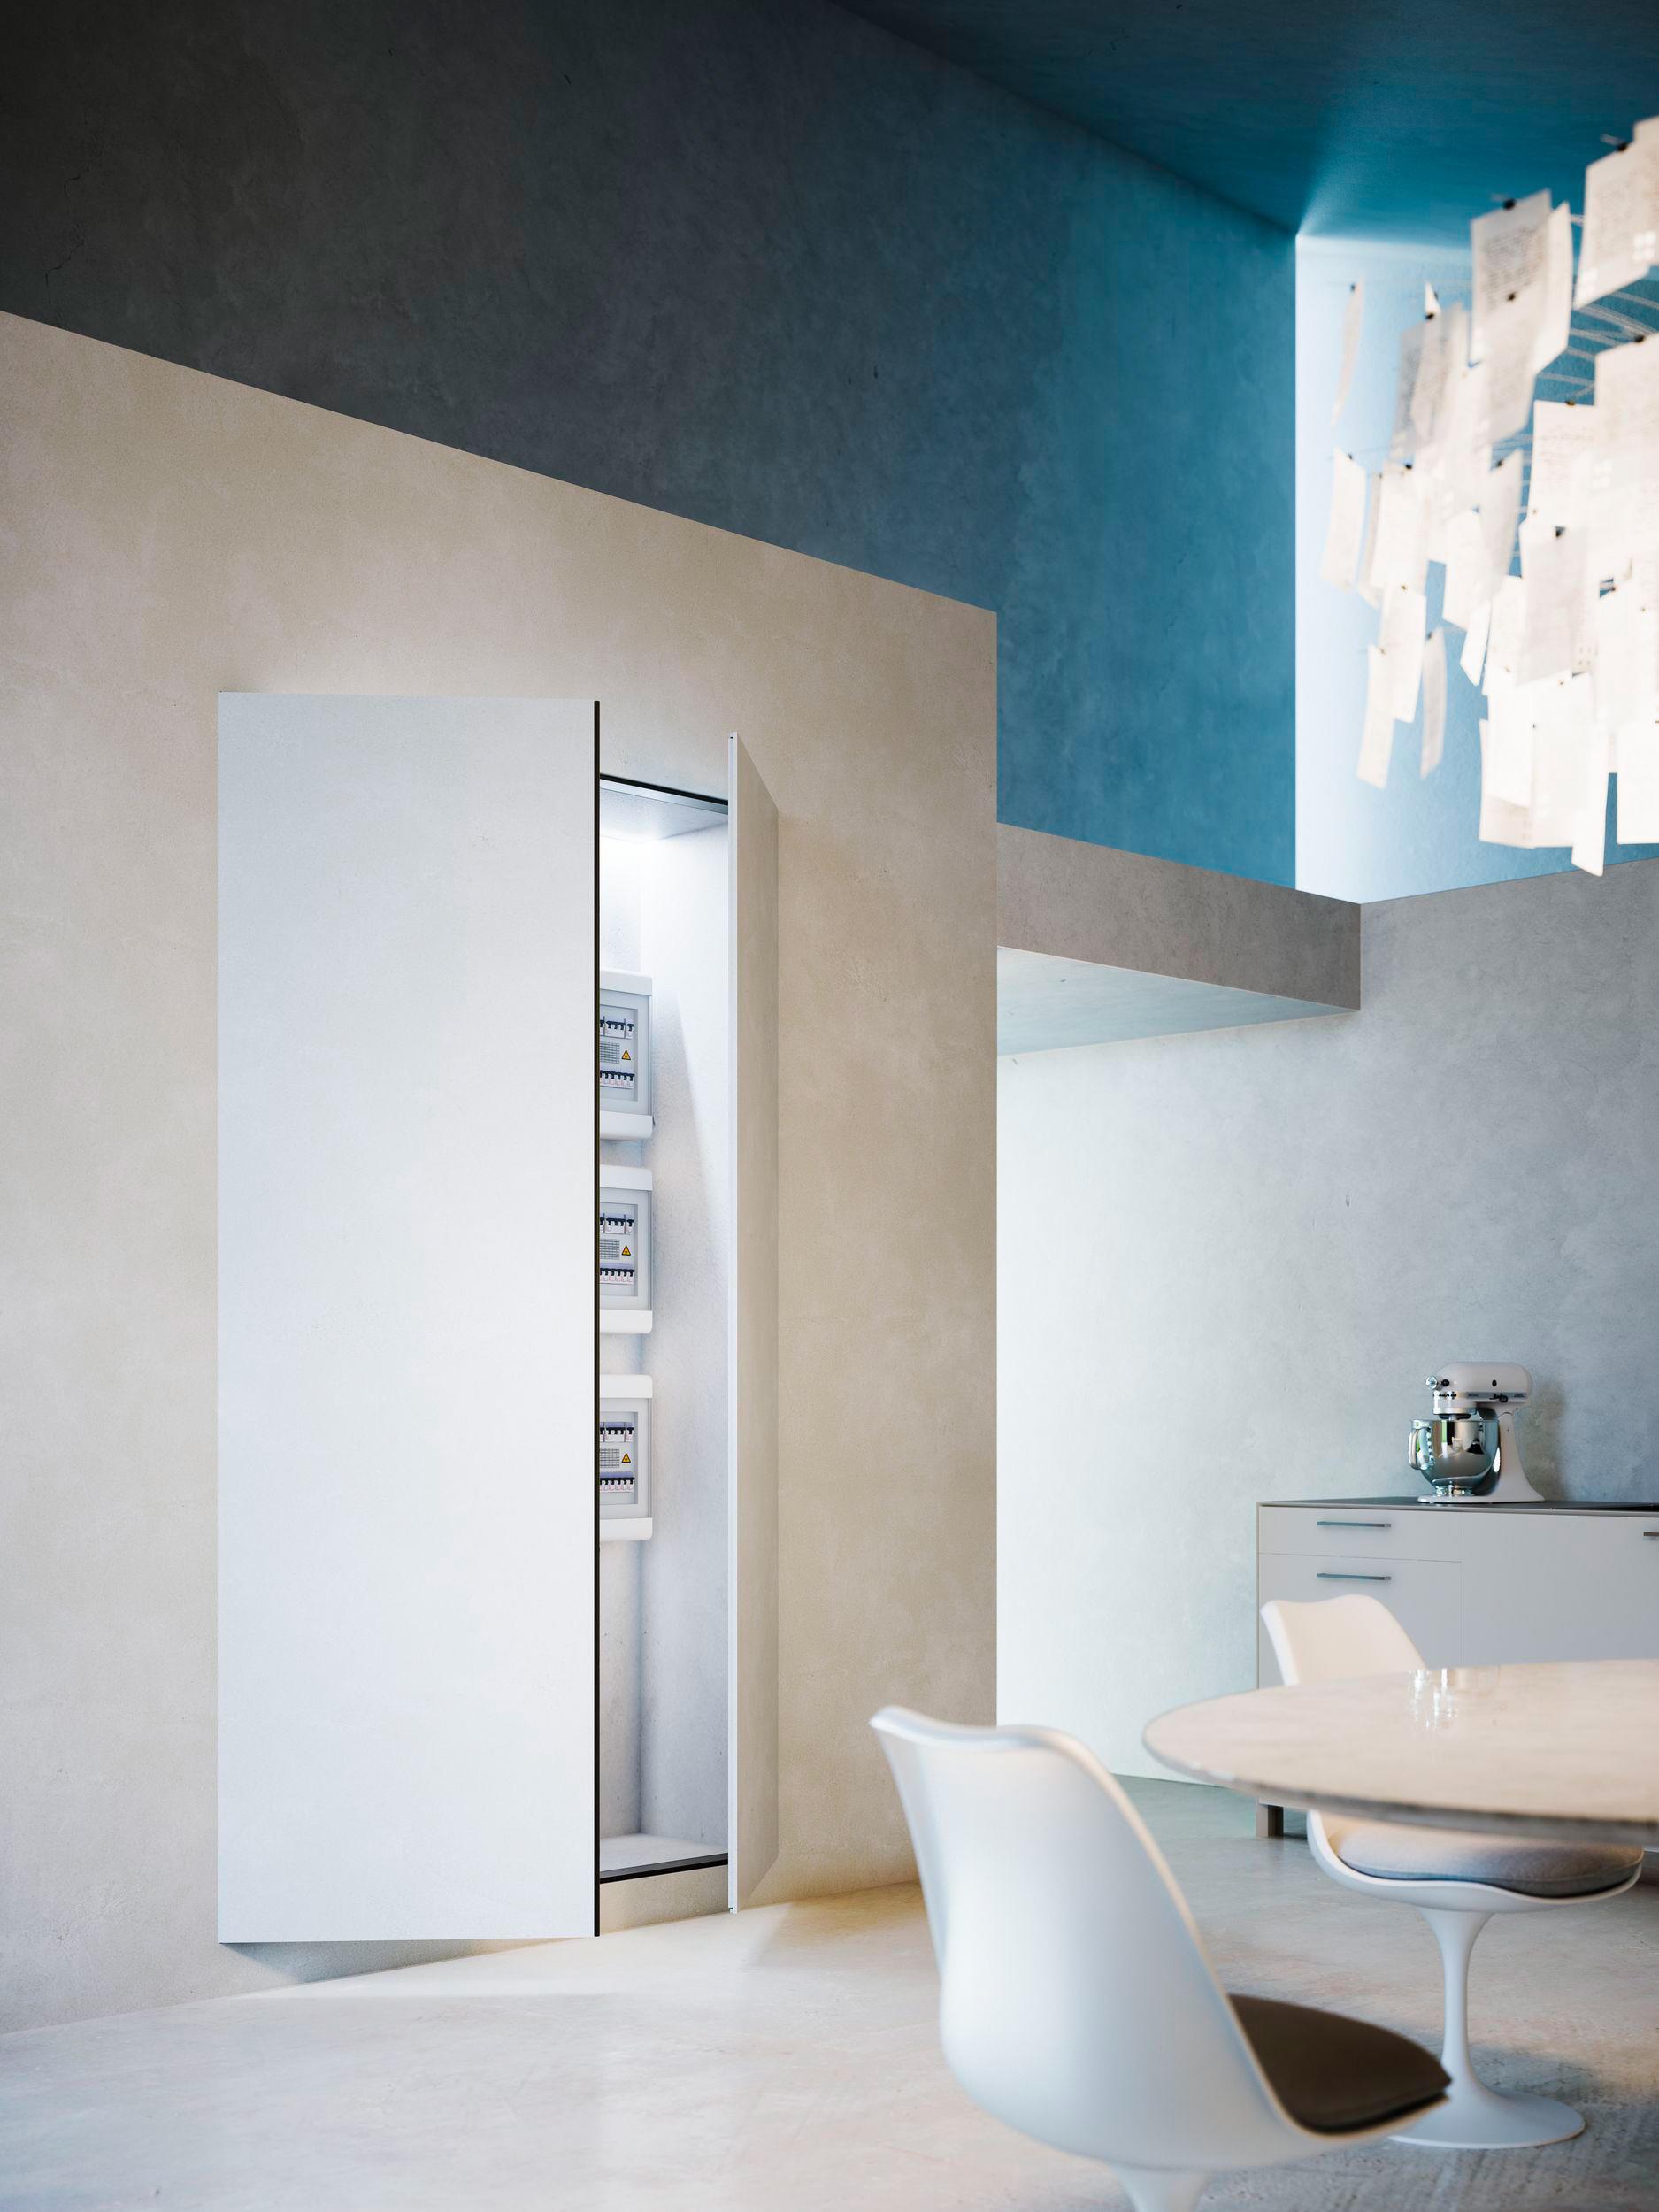 CHIUSURE SPECIALI | NICCHIO - Porte guardaroba Linvisibile | Architonic